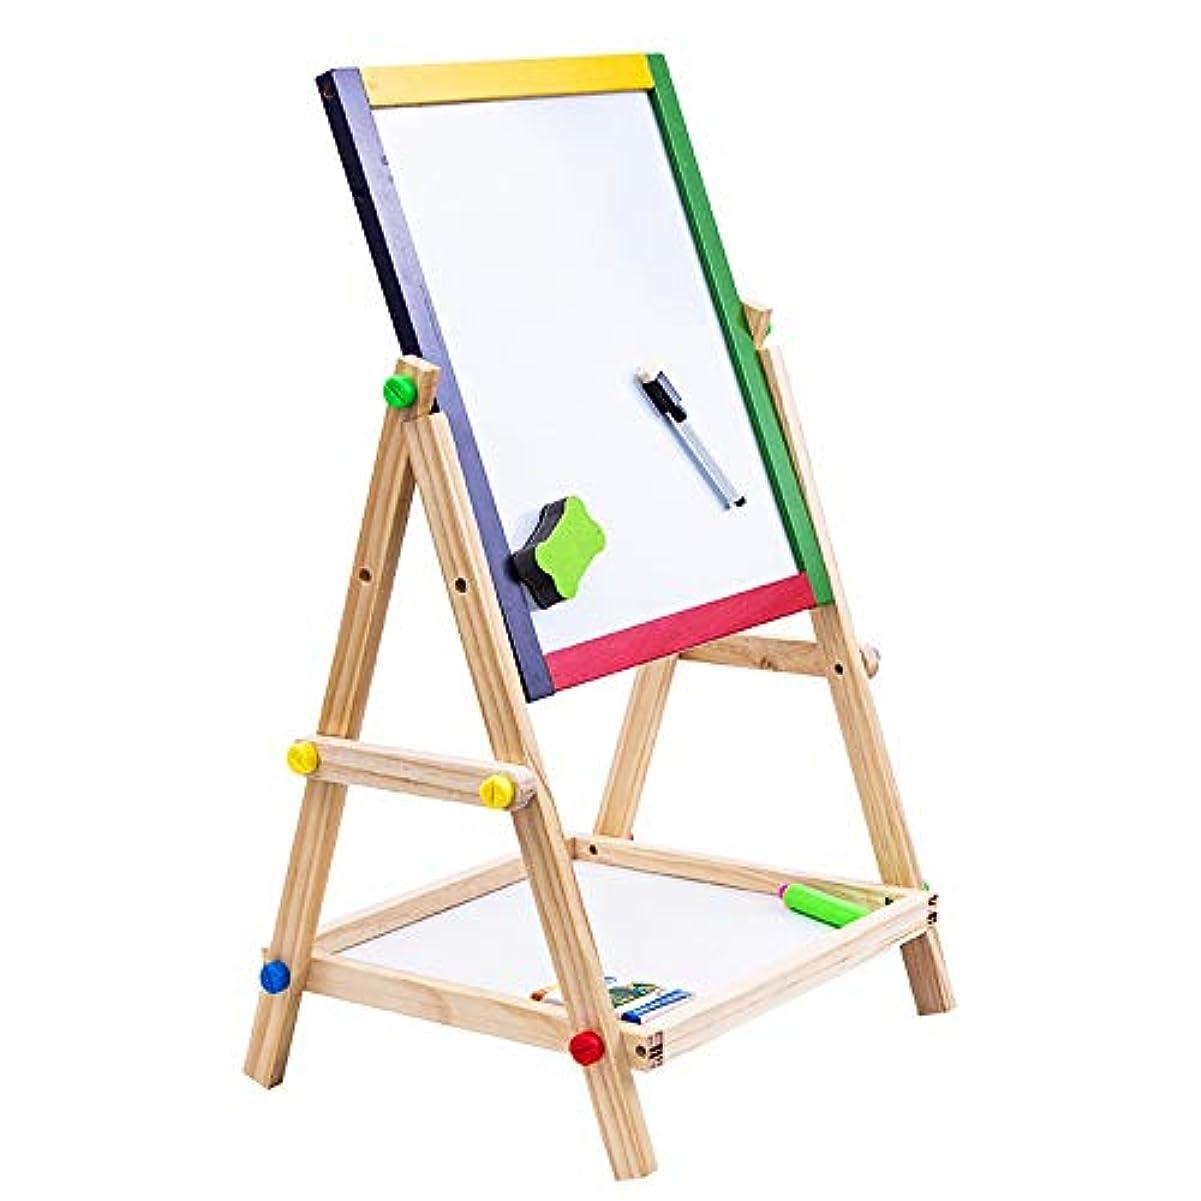 アコード不潔工業用お絵かきボード 子供 3-in-1 Art Easel - 1収納コンパートメント付き黒板と磁気ホワイトボード、調節可能 落書きボード (Color : Natural)